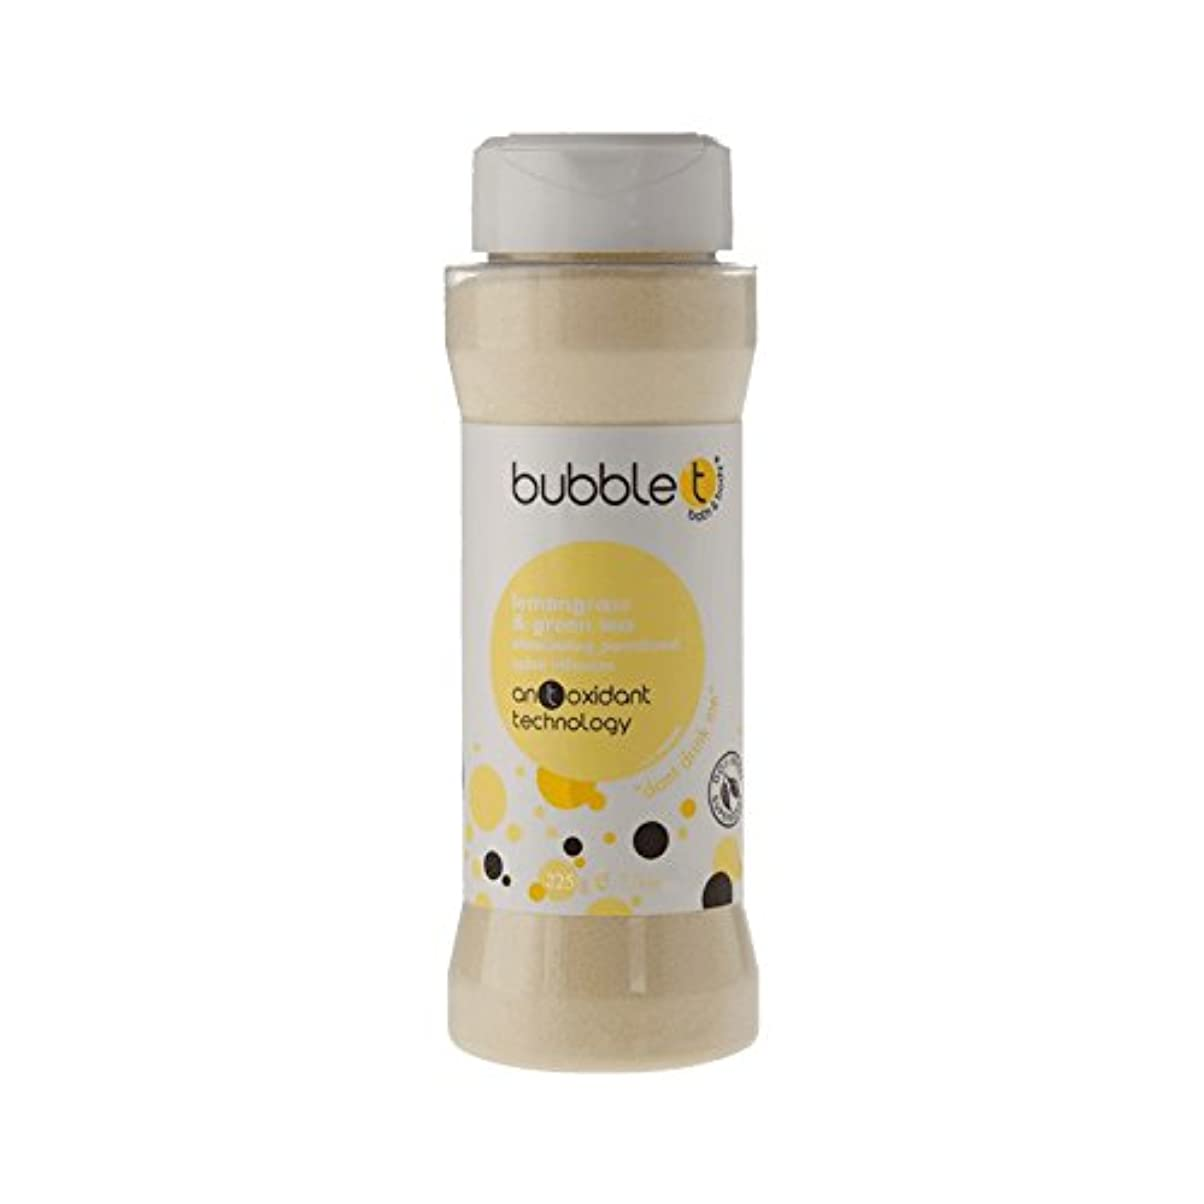 ゲートノベルティ鋼Bubble T Bath Spice Infusion Lemongrass & Green Tea 225g (Pack of 6) - バブルトン風呂スパイス注入レモングラス&緑茶225グラム (x6) [並行輸入品]